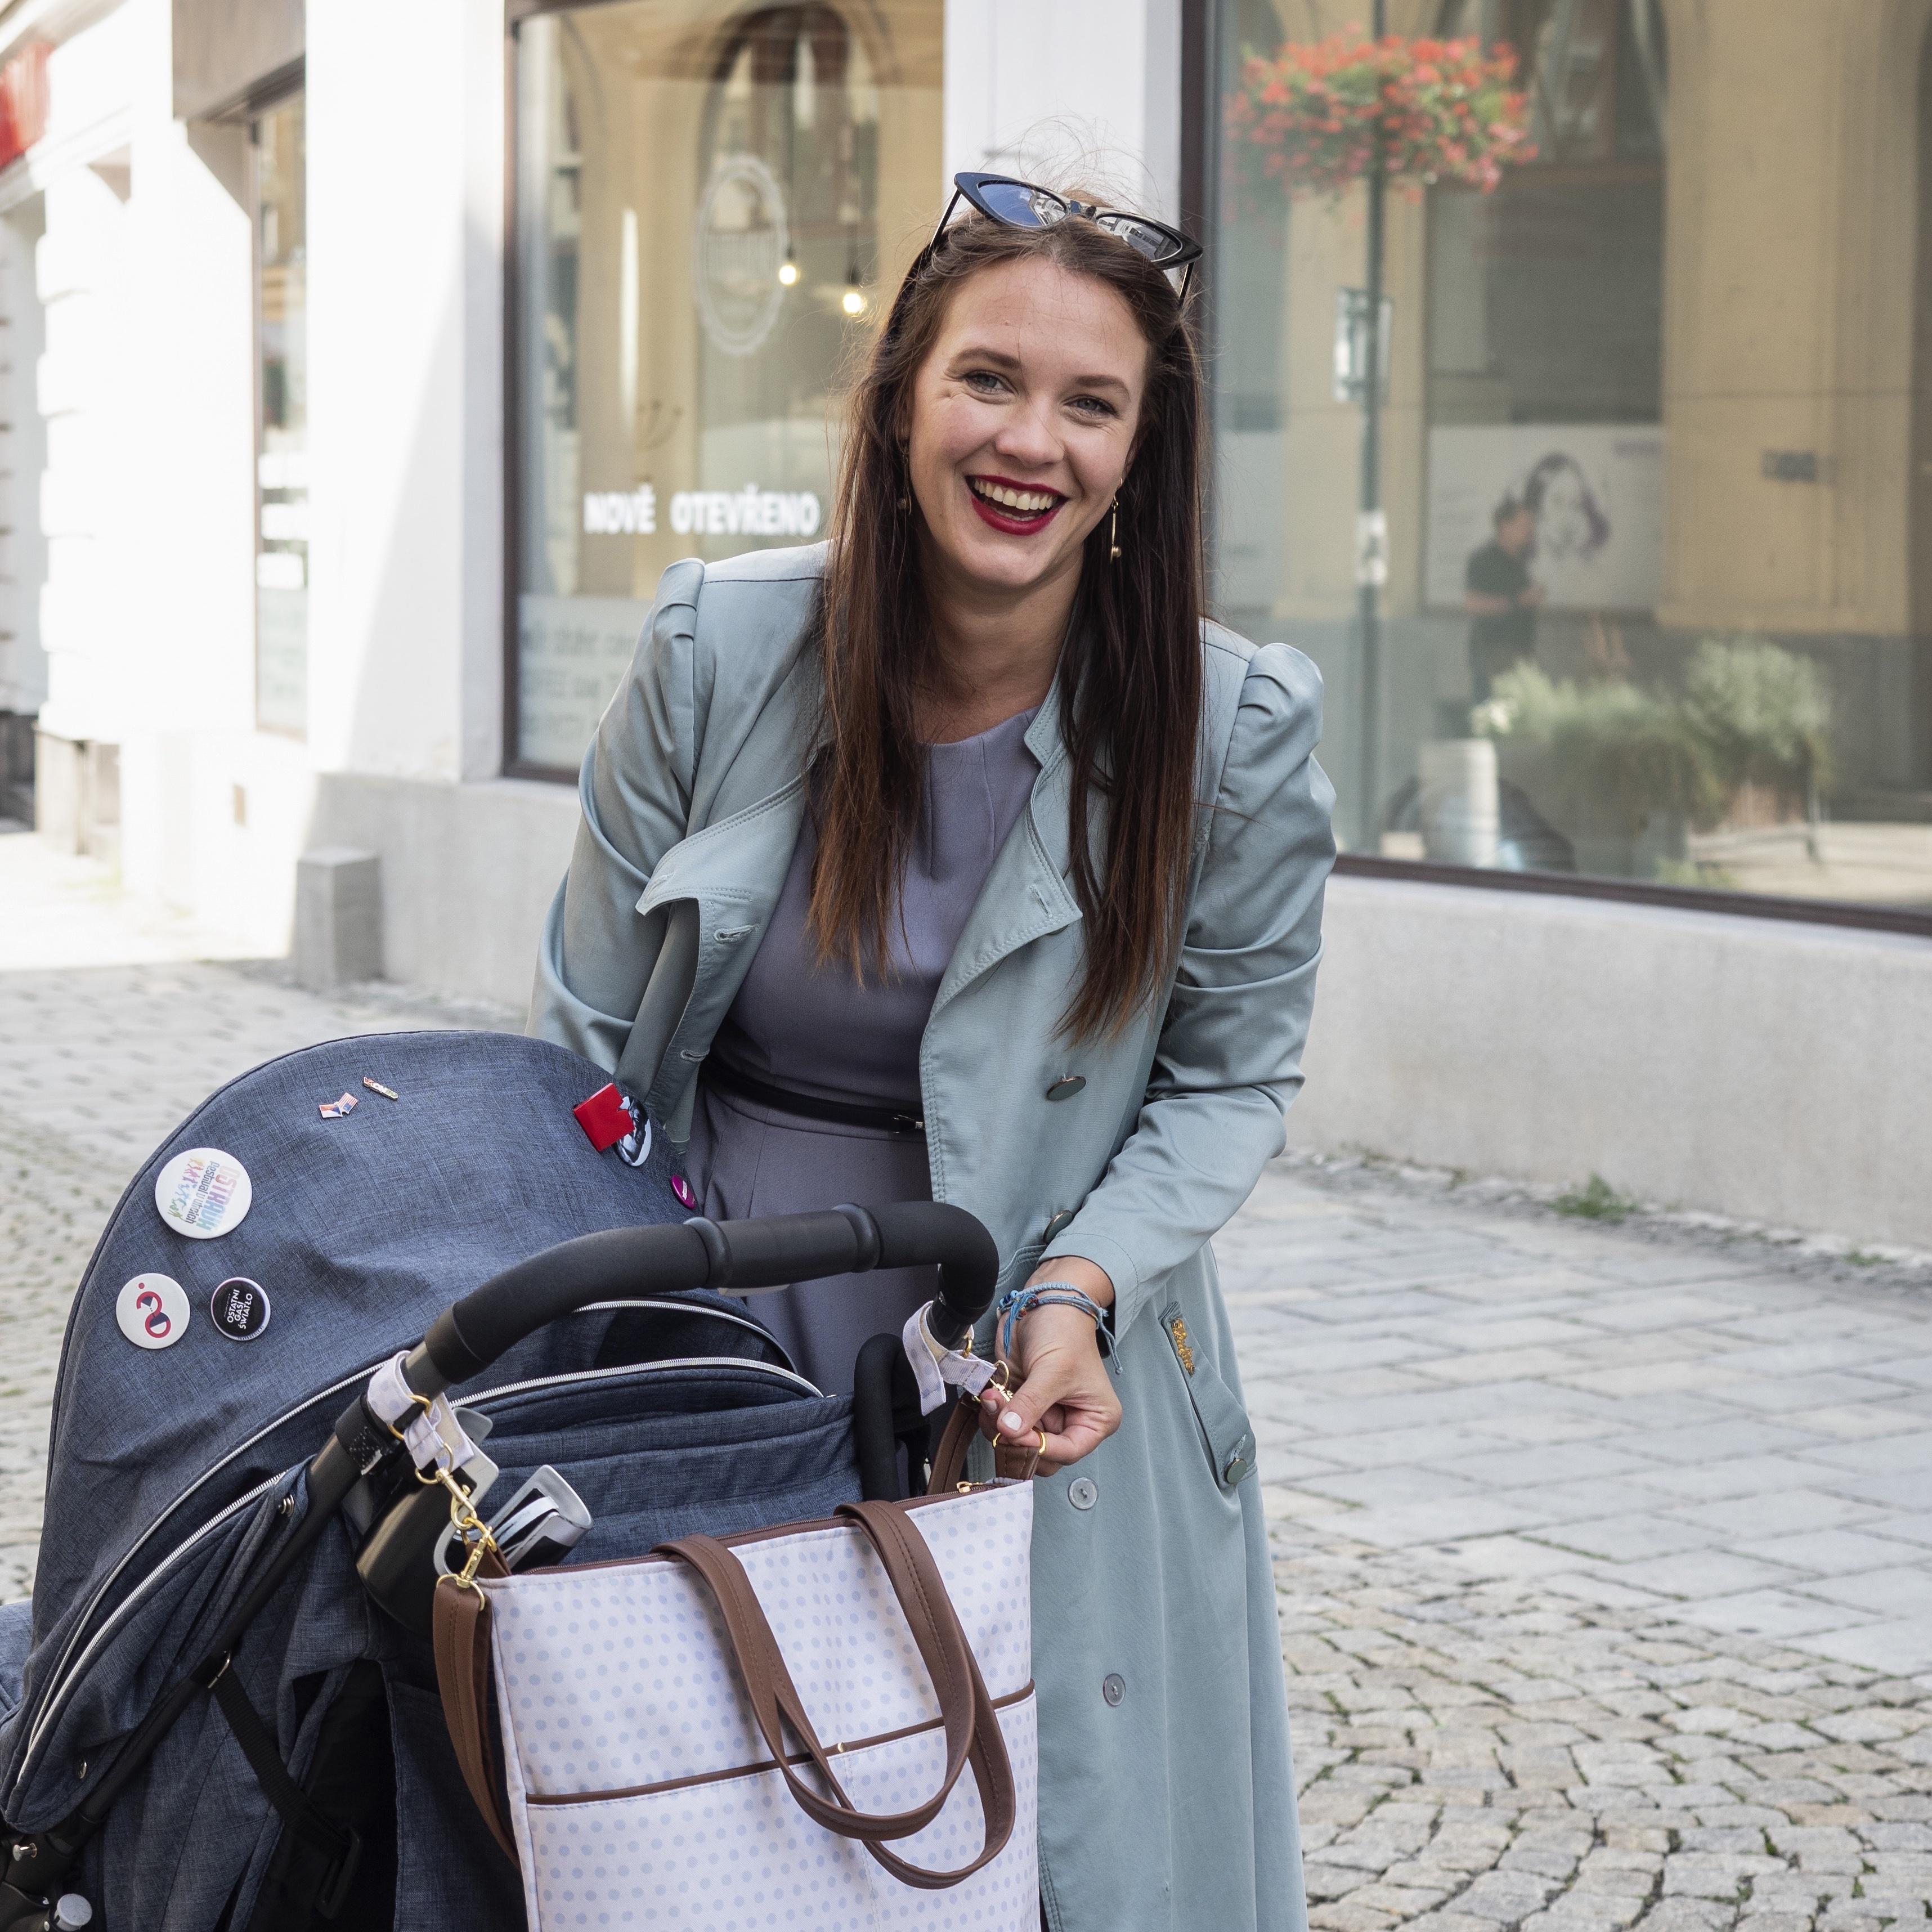 """Tip Kristýny Leichtové: Občas řeknu partnerovi """"Tady máš dítě, hlídej."""" a já si jdu dát vanu."""